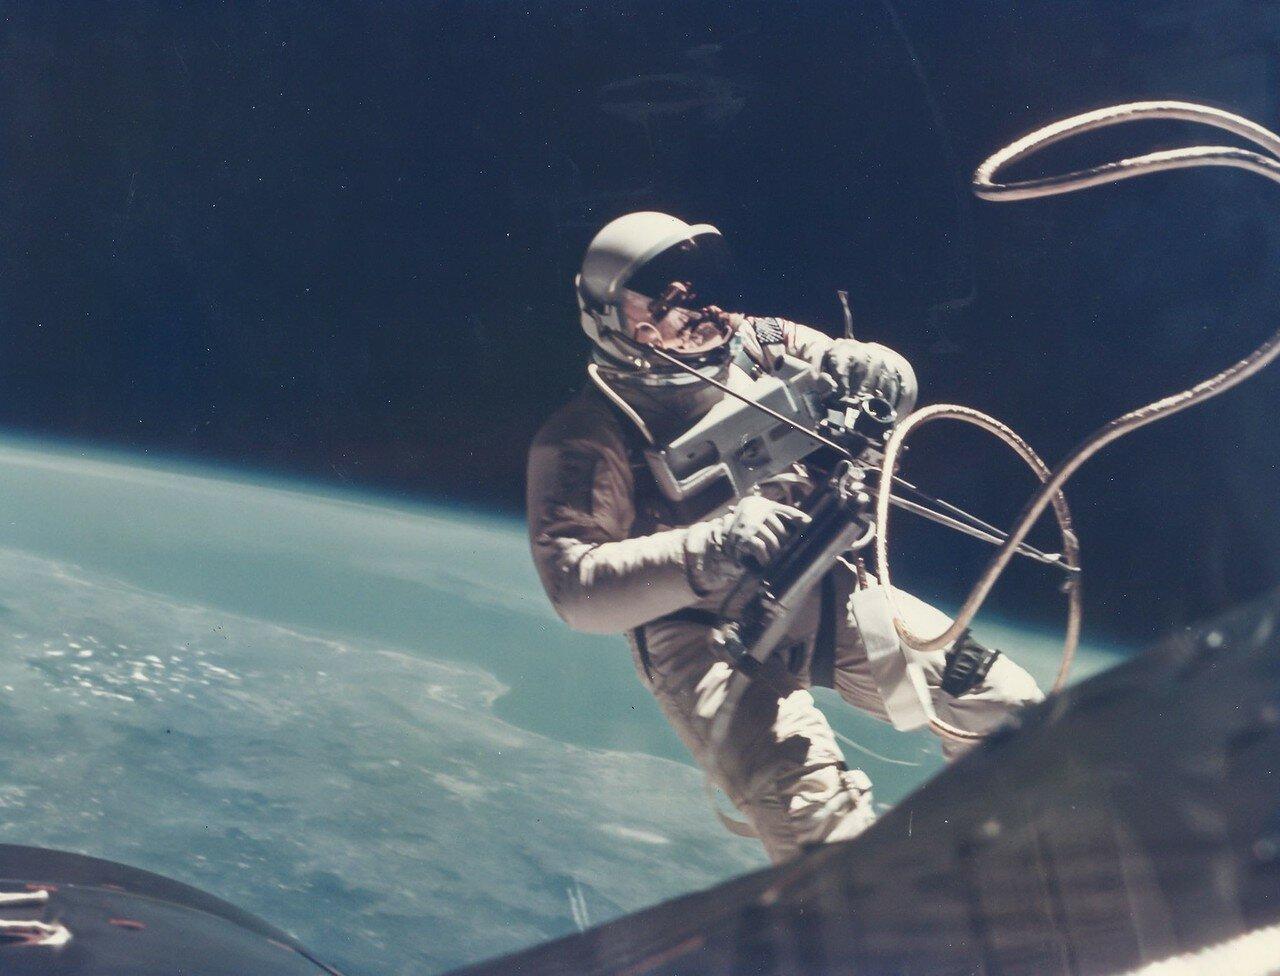 31. 1965, 3 июня. Первый выход американского астронавта в открытый космос. Ред Уайт уплывает от космического корабля «Джемини»-4